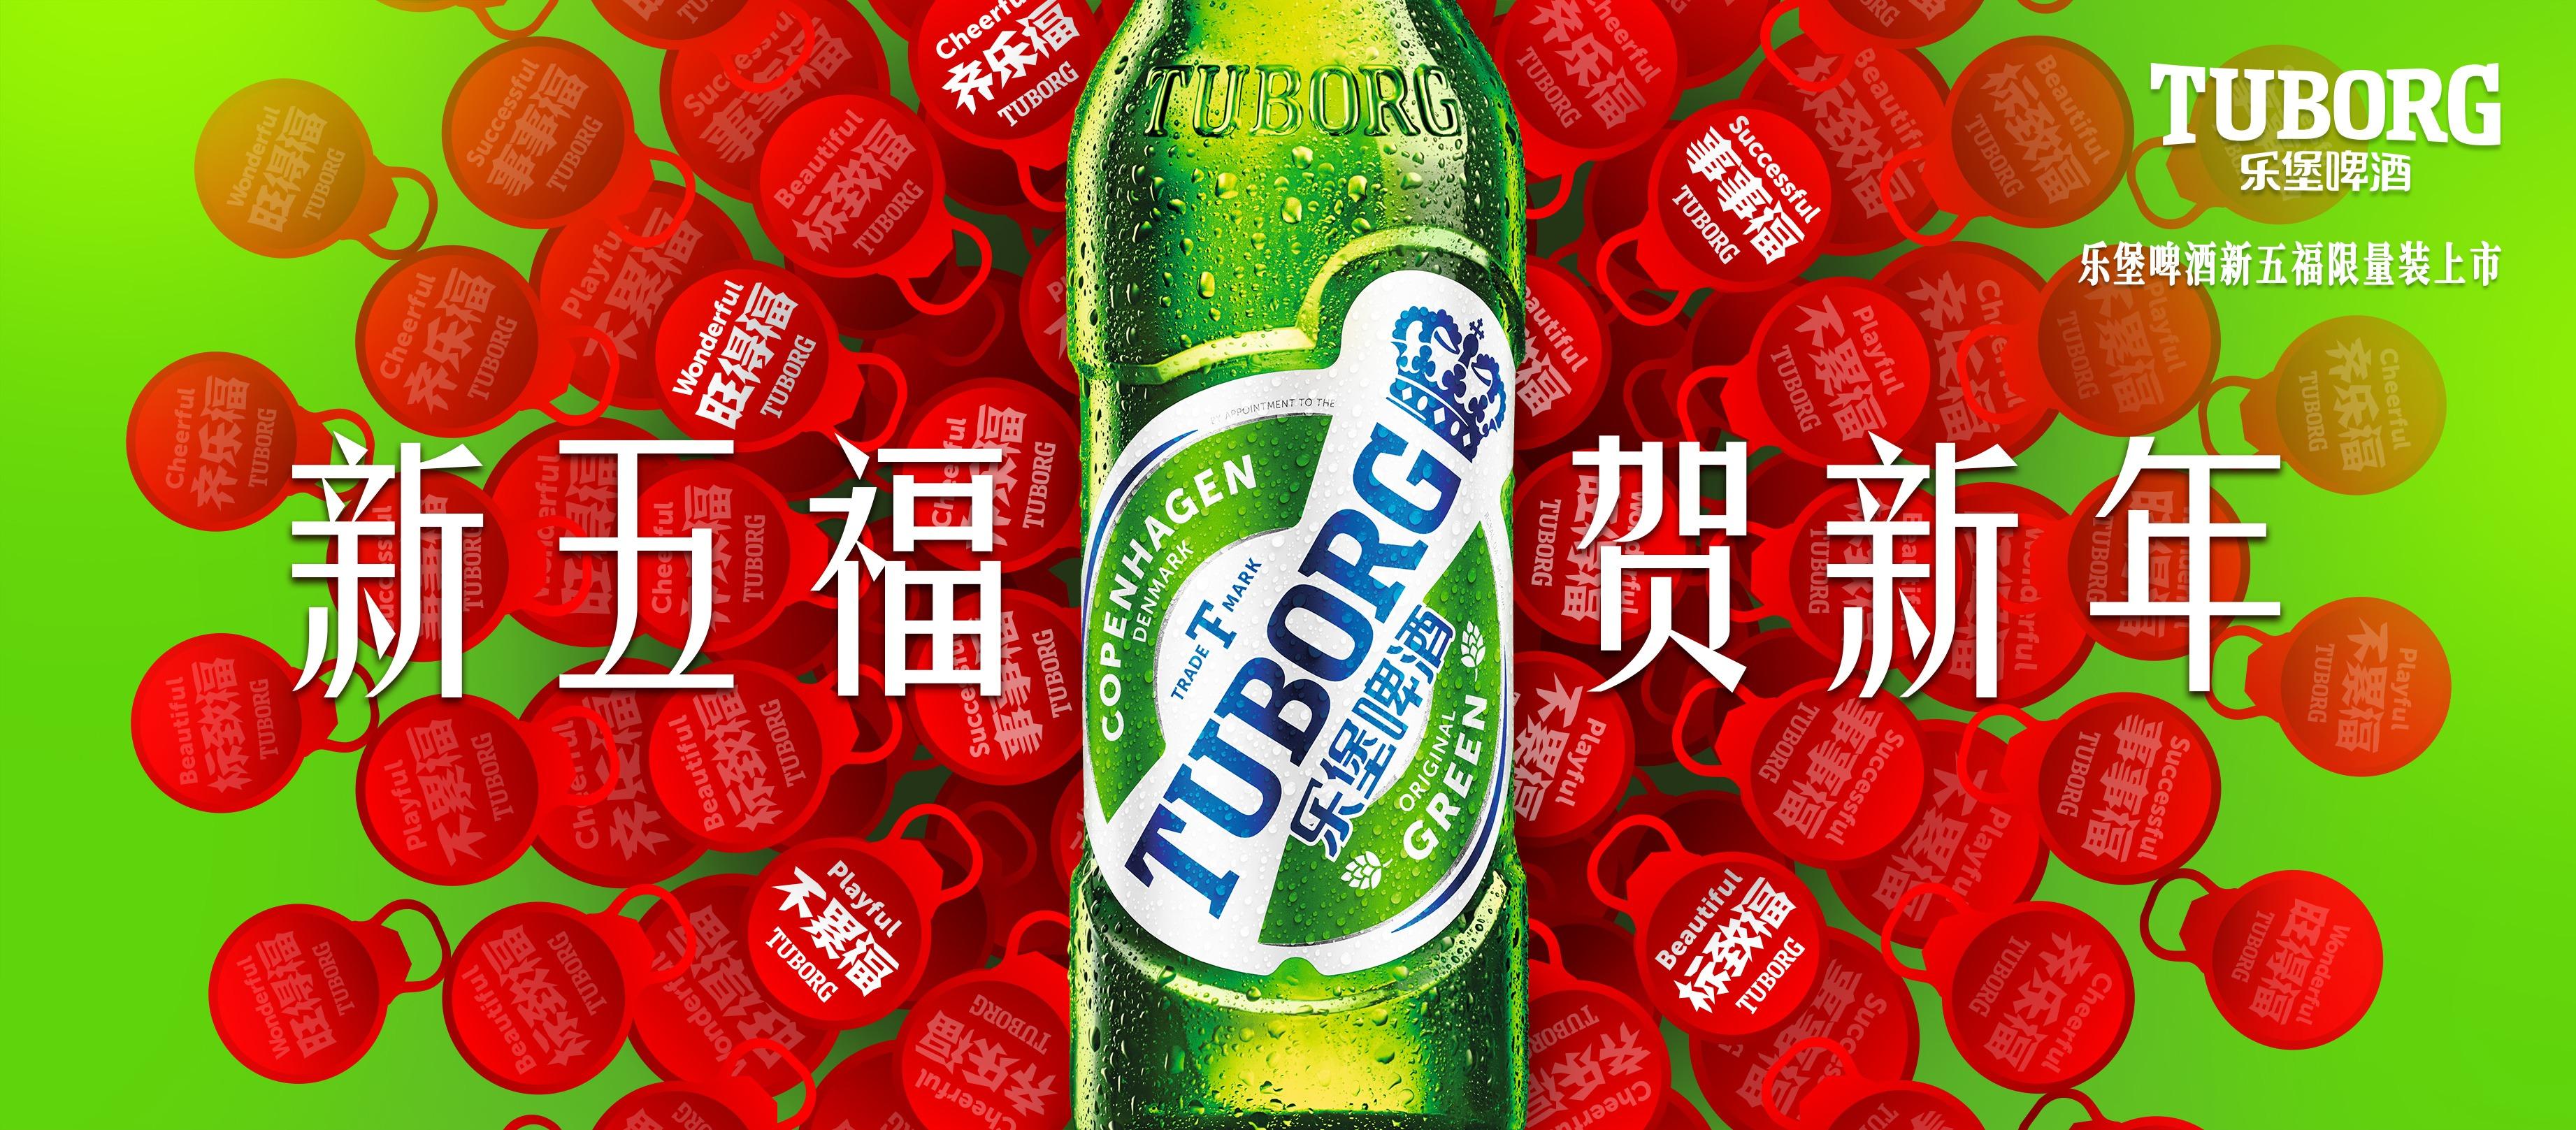 乐堡啤酒新五福 新年祝福玩出新花样